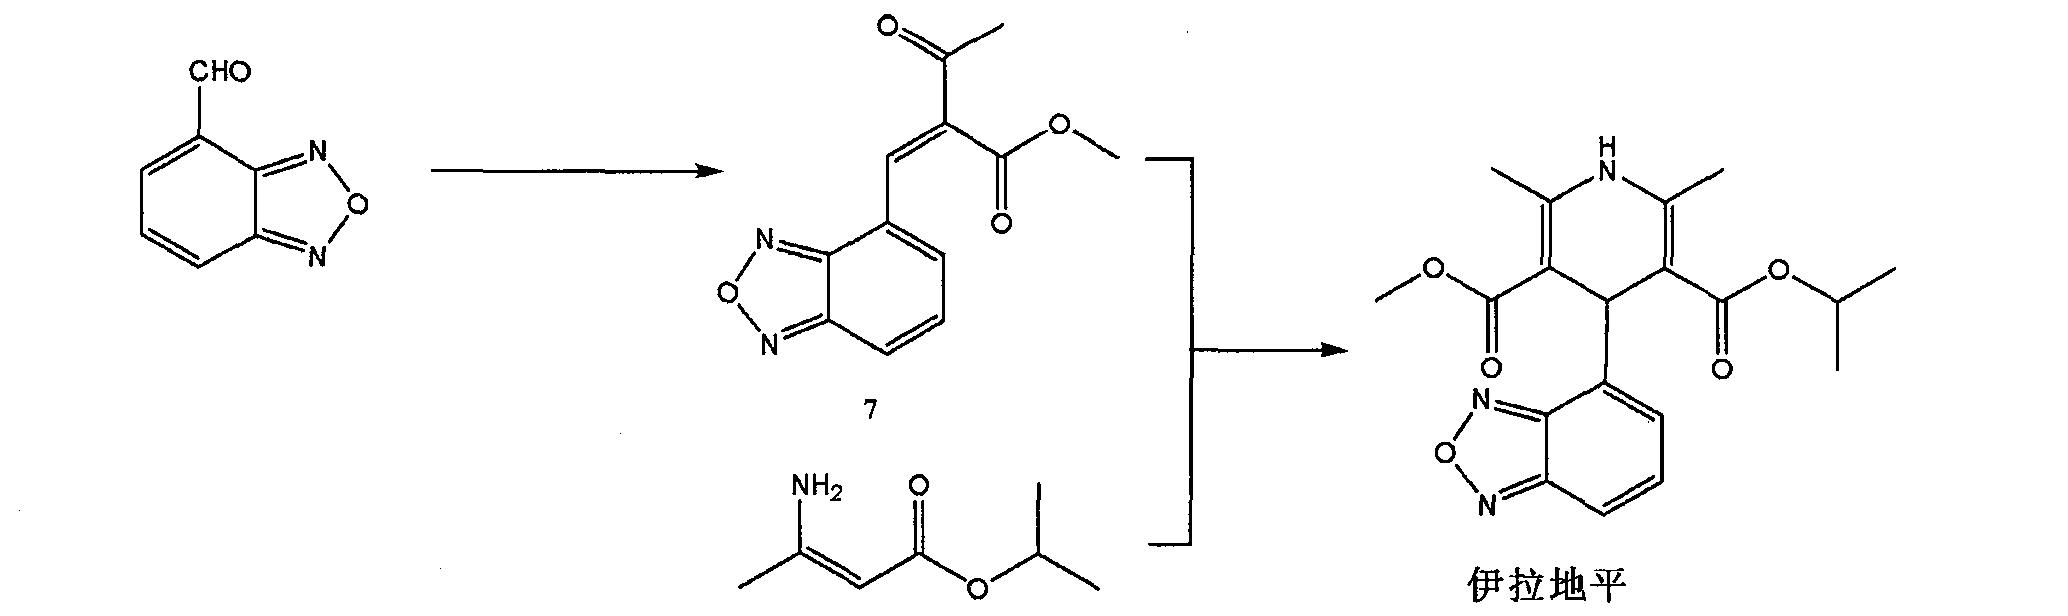 Figure CN101768153BC00023